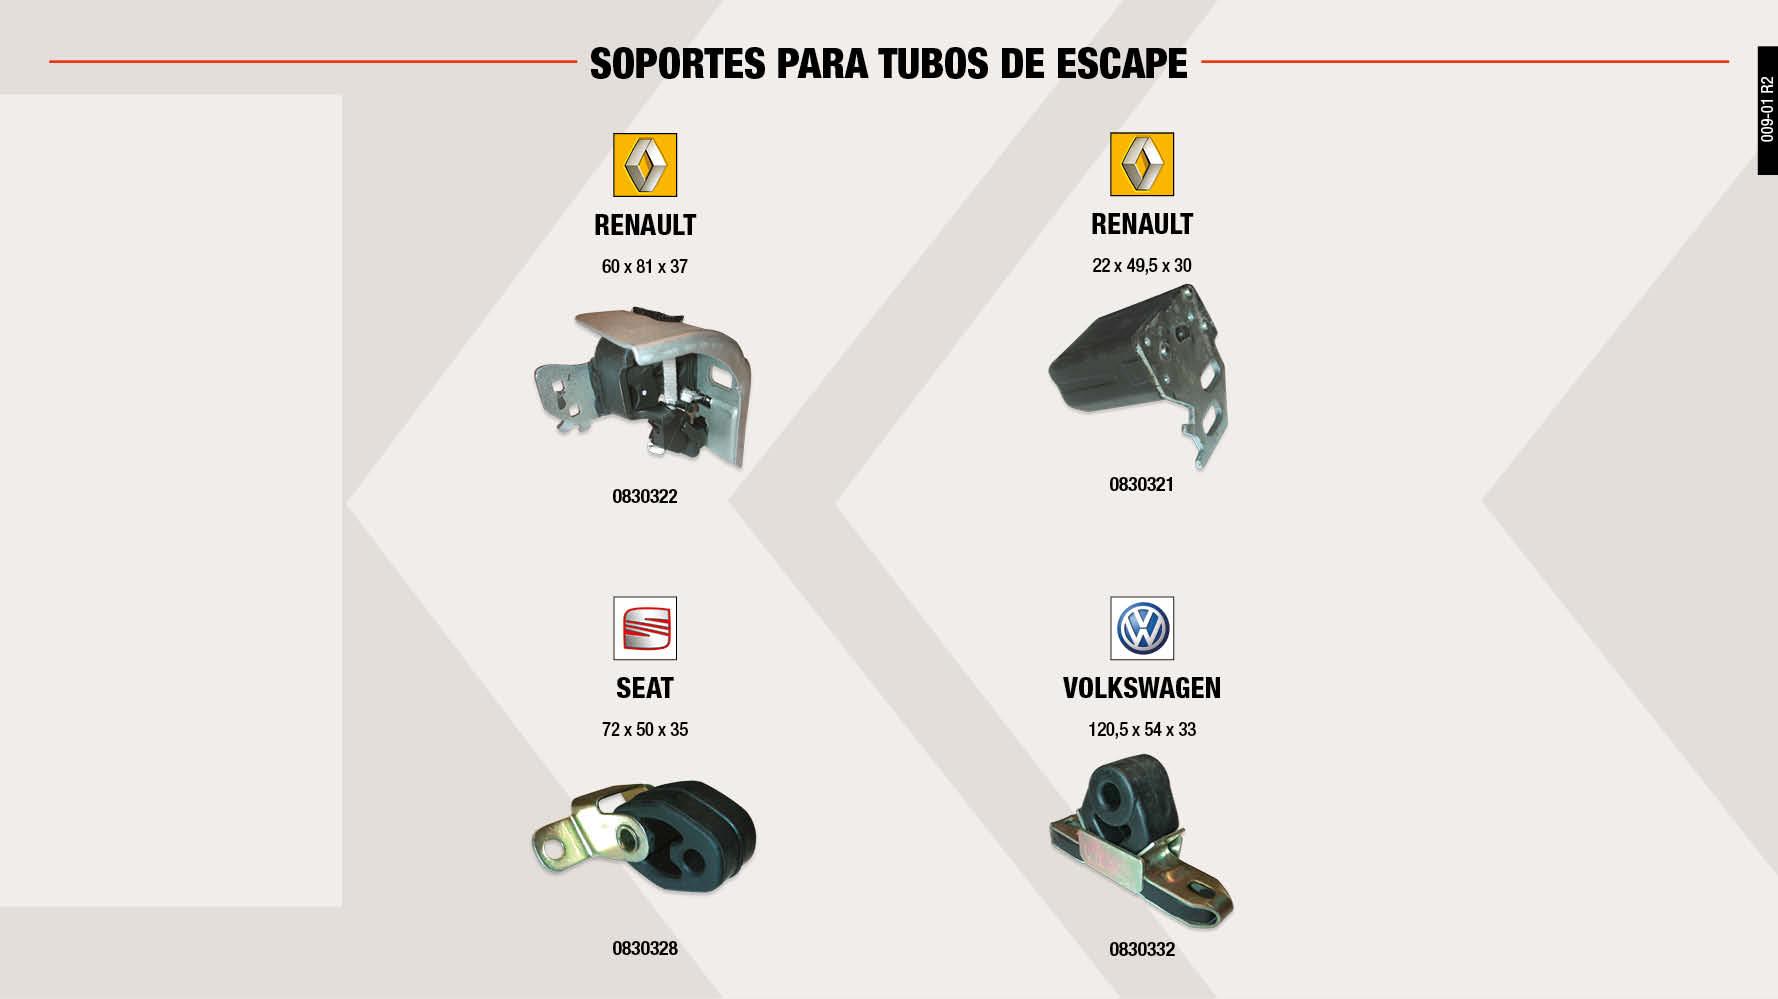 SOP.T.ESCAPE VW 120.5X54X33 MM                              ,  SOP.T.ESCAPE RENAULT 60X81X37 MM                            ,  SOP.T.ESCAPE SEAT 72X50X35 MM                               ,  SOP.T.ESCAPE RENAULT 22X49.5X30 MM                          ,